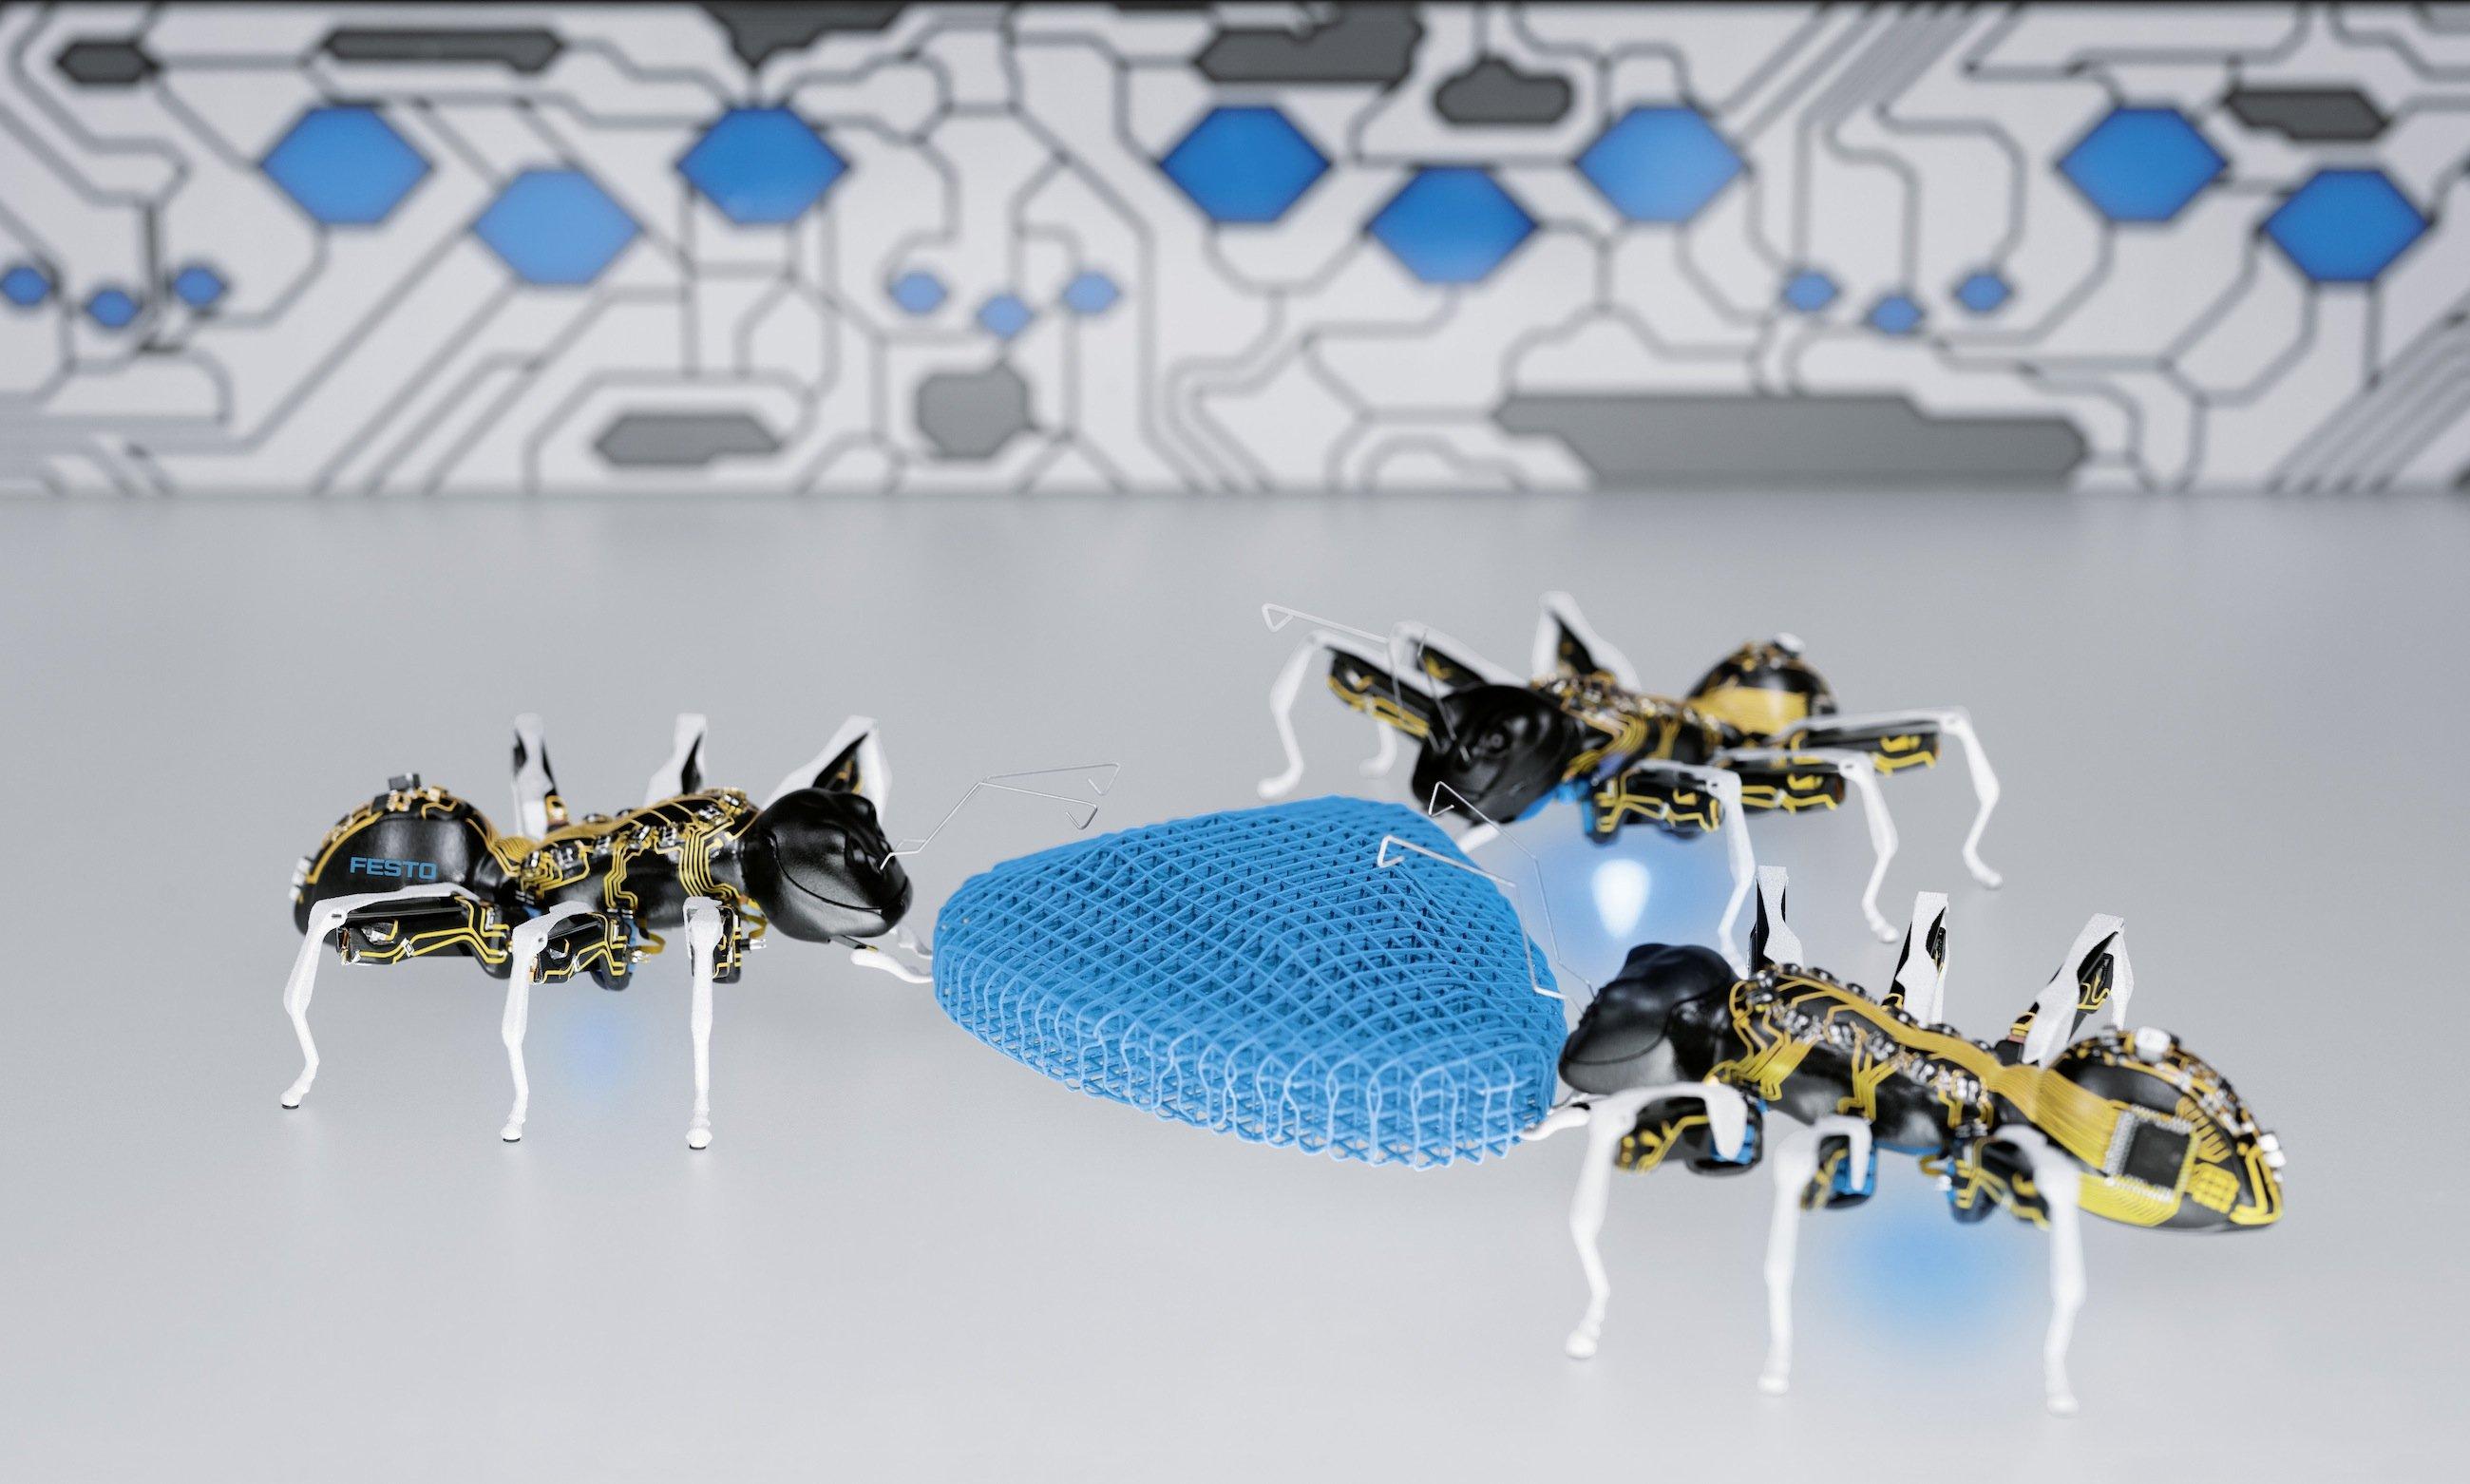 Gemeinsam sind wir stärker: Die BionicAnts bewegen Objekte, die sie alleine niemals bewegen könnten. Genauso, wie die echten Ameisen fette Käfer in ihren Bau befördern.